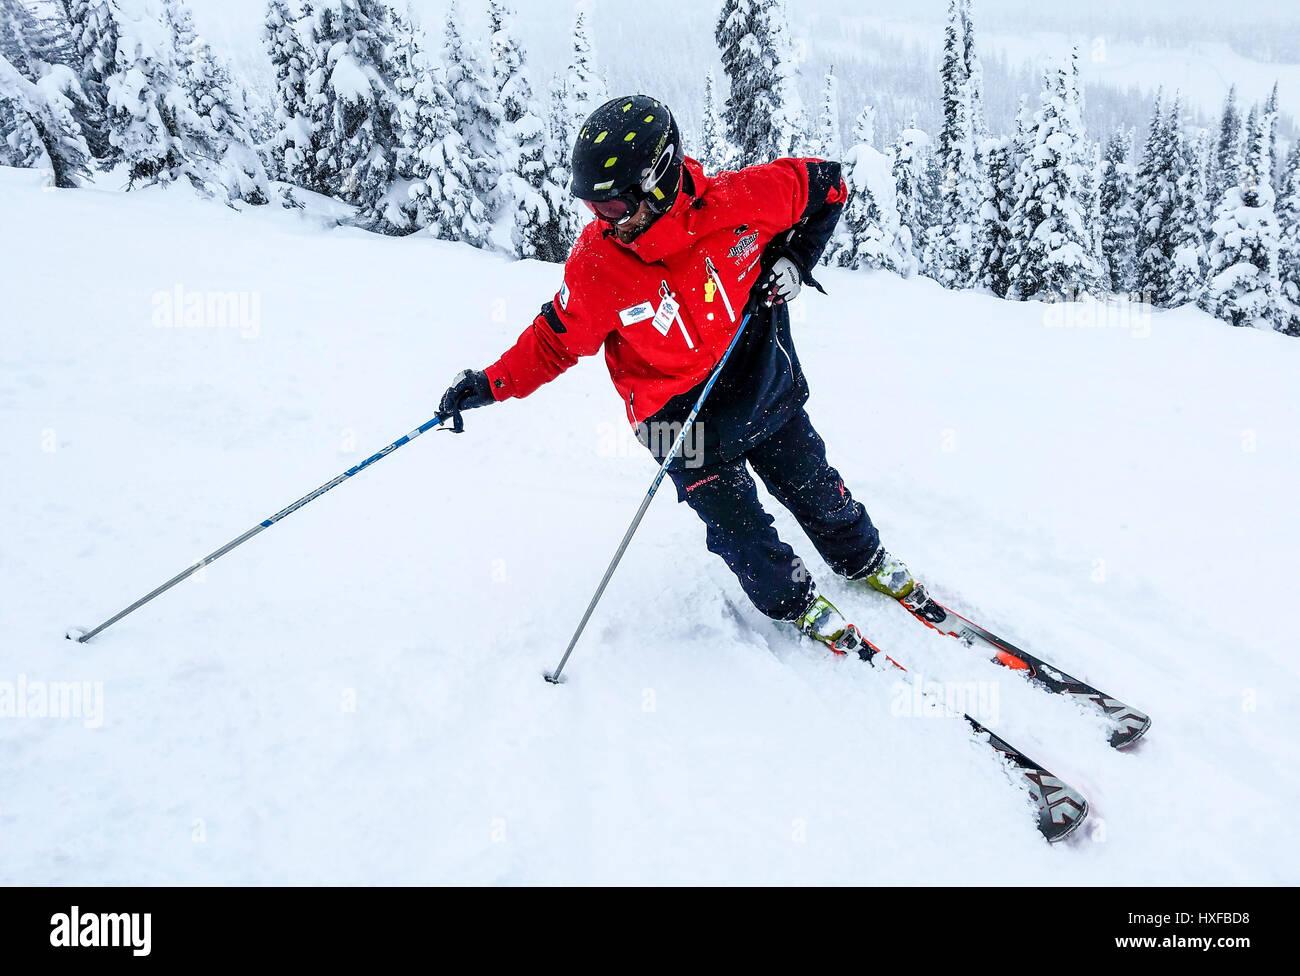 Durante las nevadas moderadas que motas el paisaje, un instructor en Big White ski resort muestra una exagerada Imagen De Stock